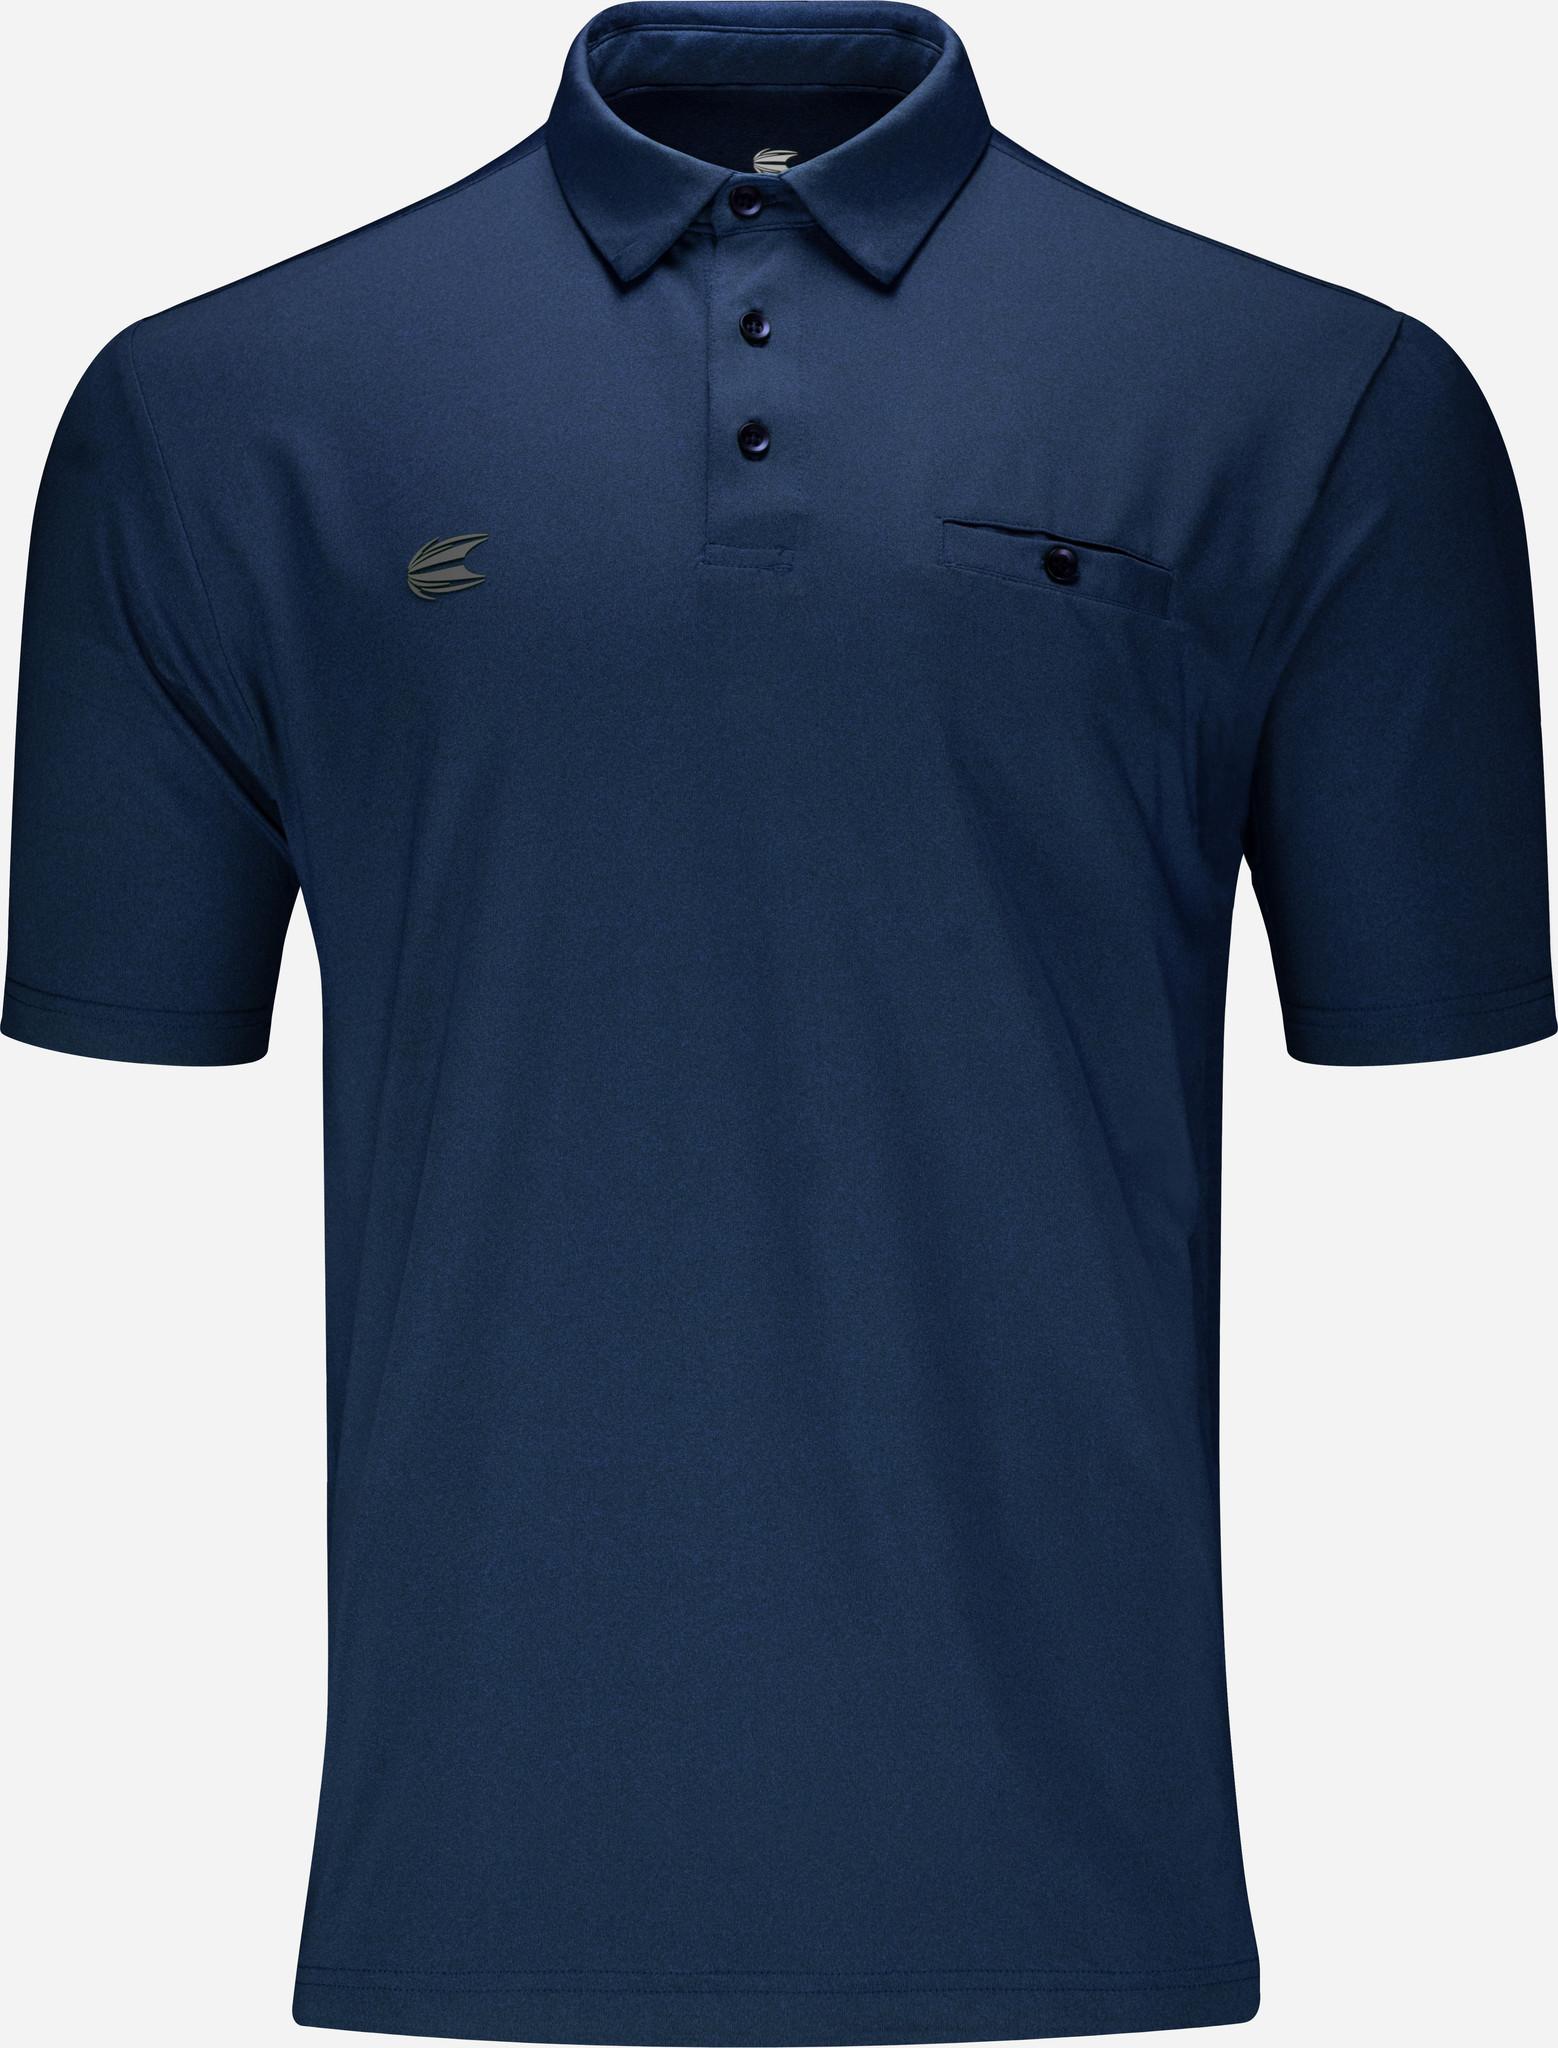 SALE: 30% - Target Flexline Shirt Blue